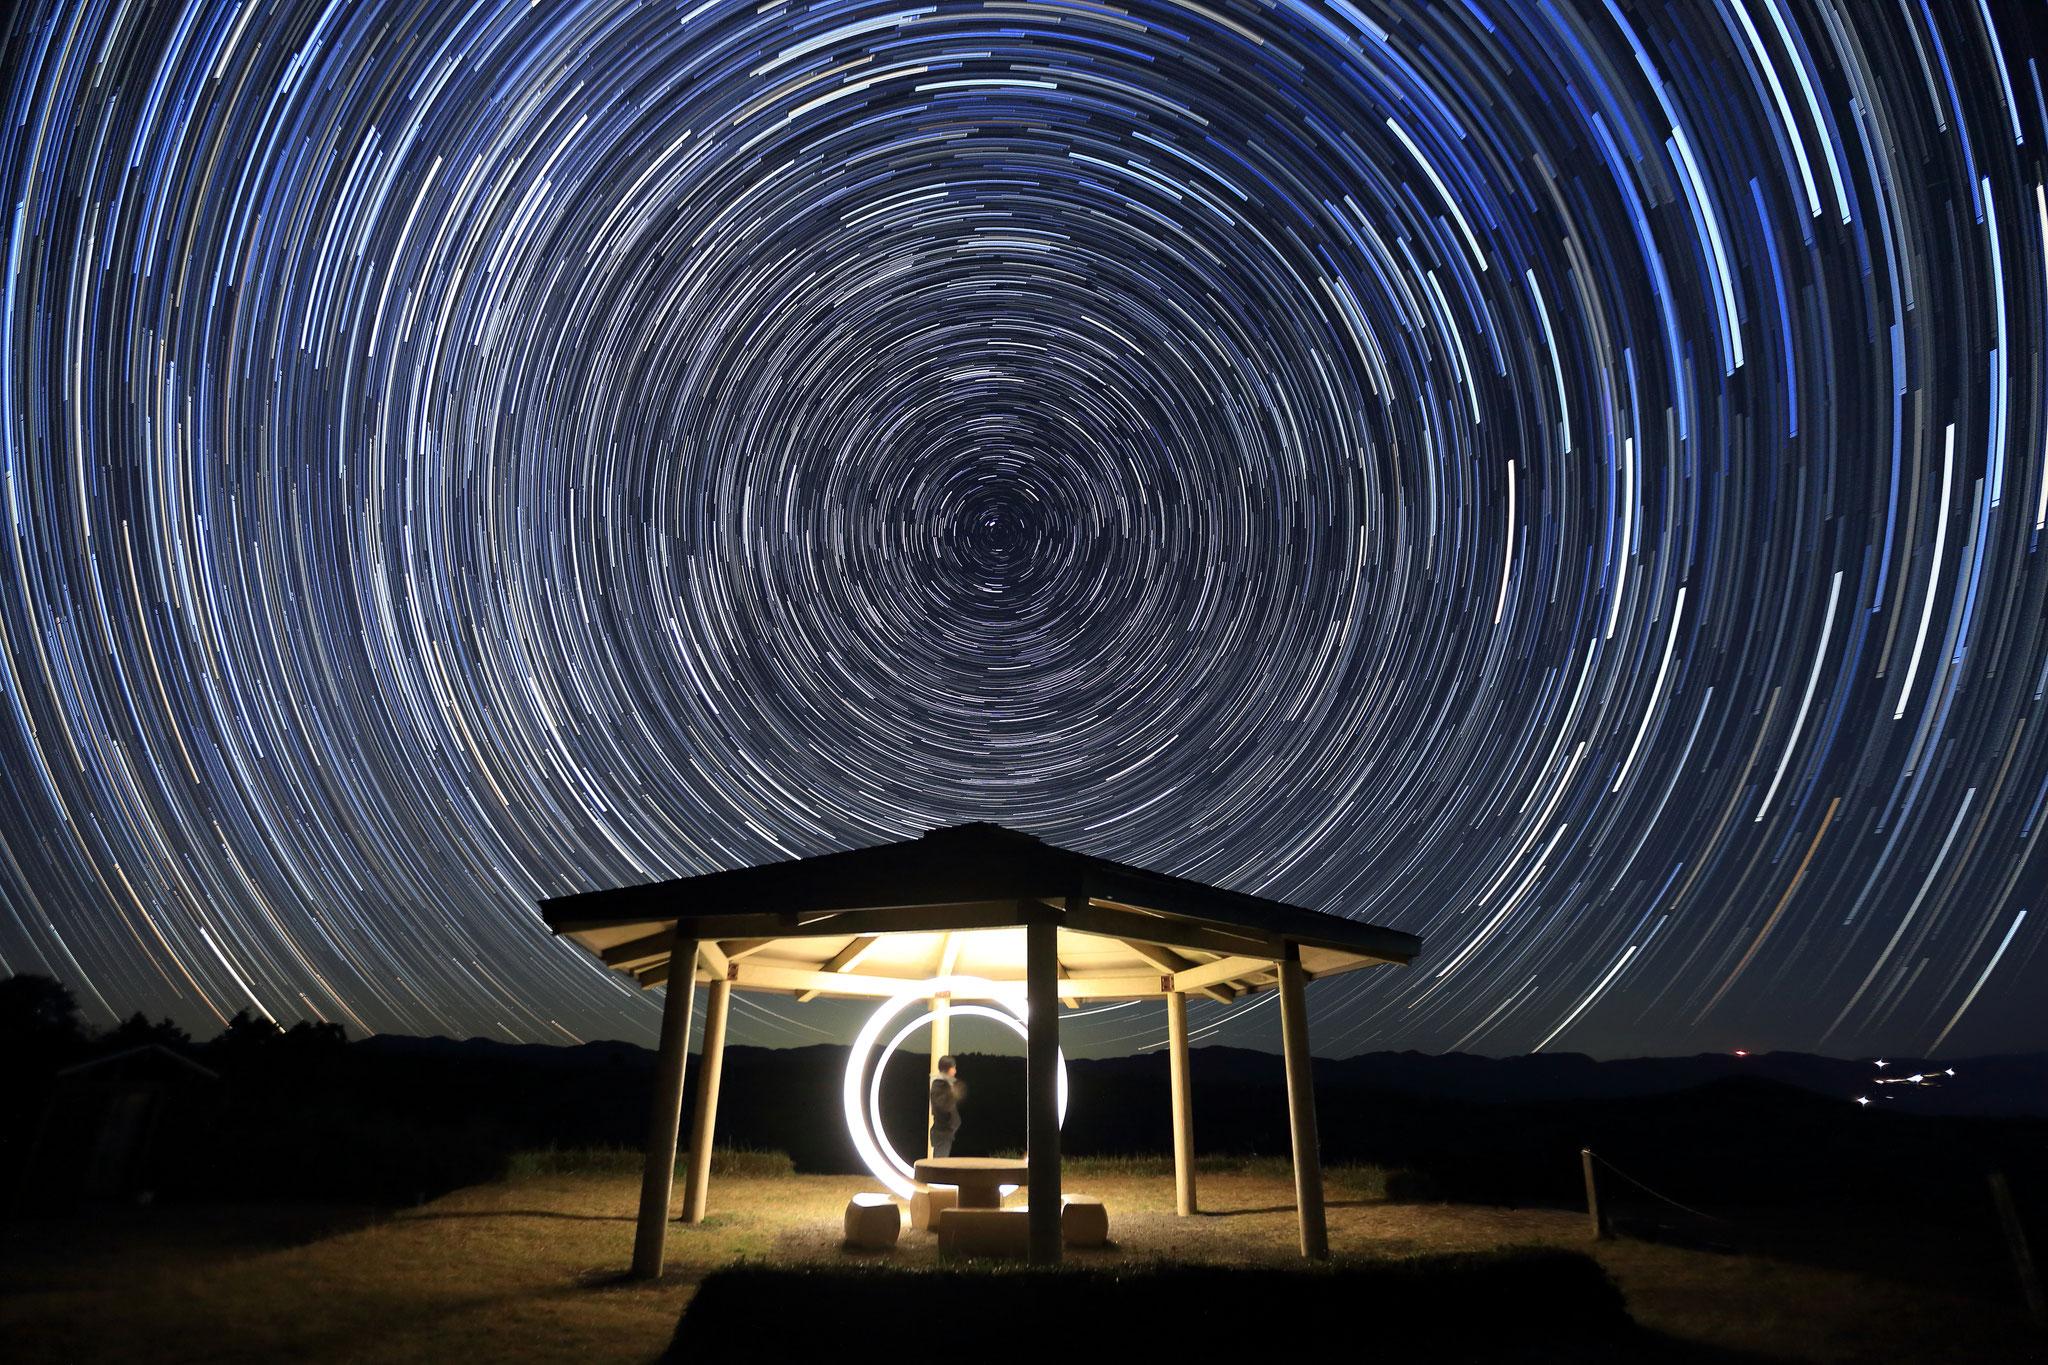 北の星空の軌跡と写真部のグルグル(11/14 湧水町)